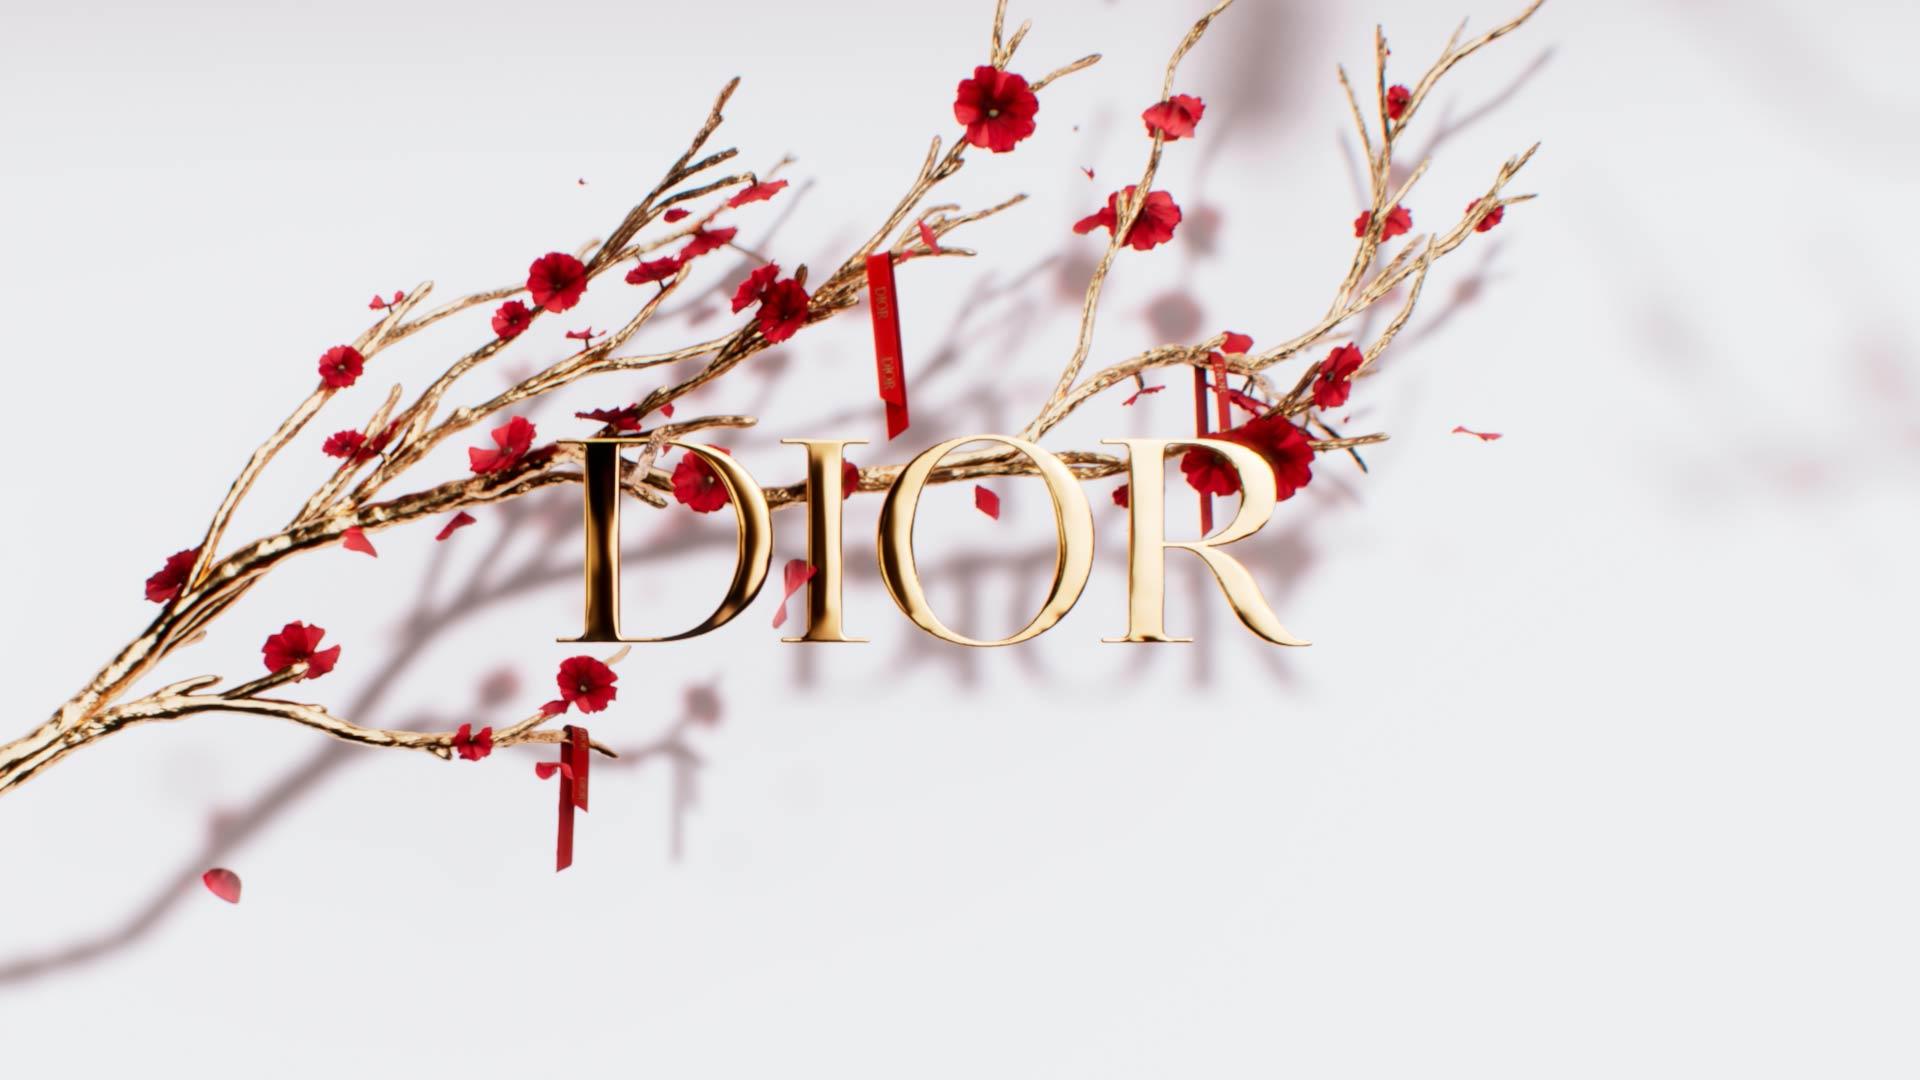 Visuel 3D du Nouvel An chinois pour Dior avec un arbre en or